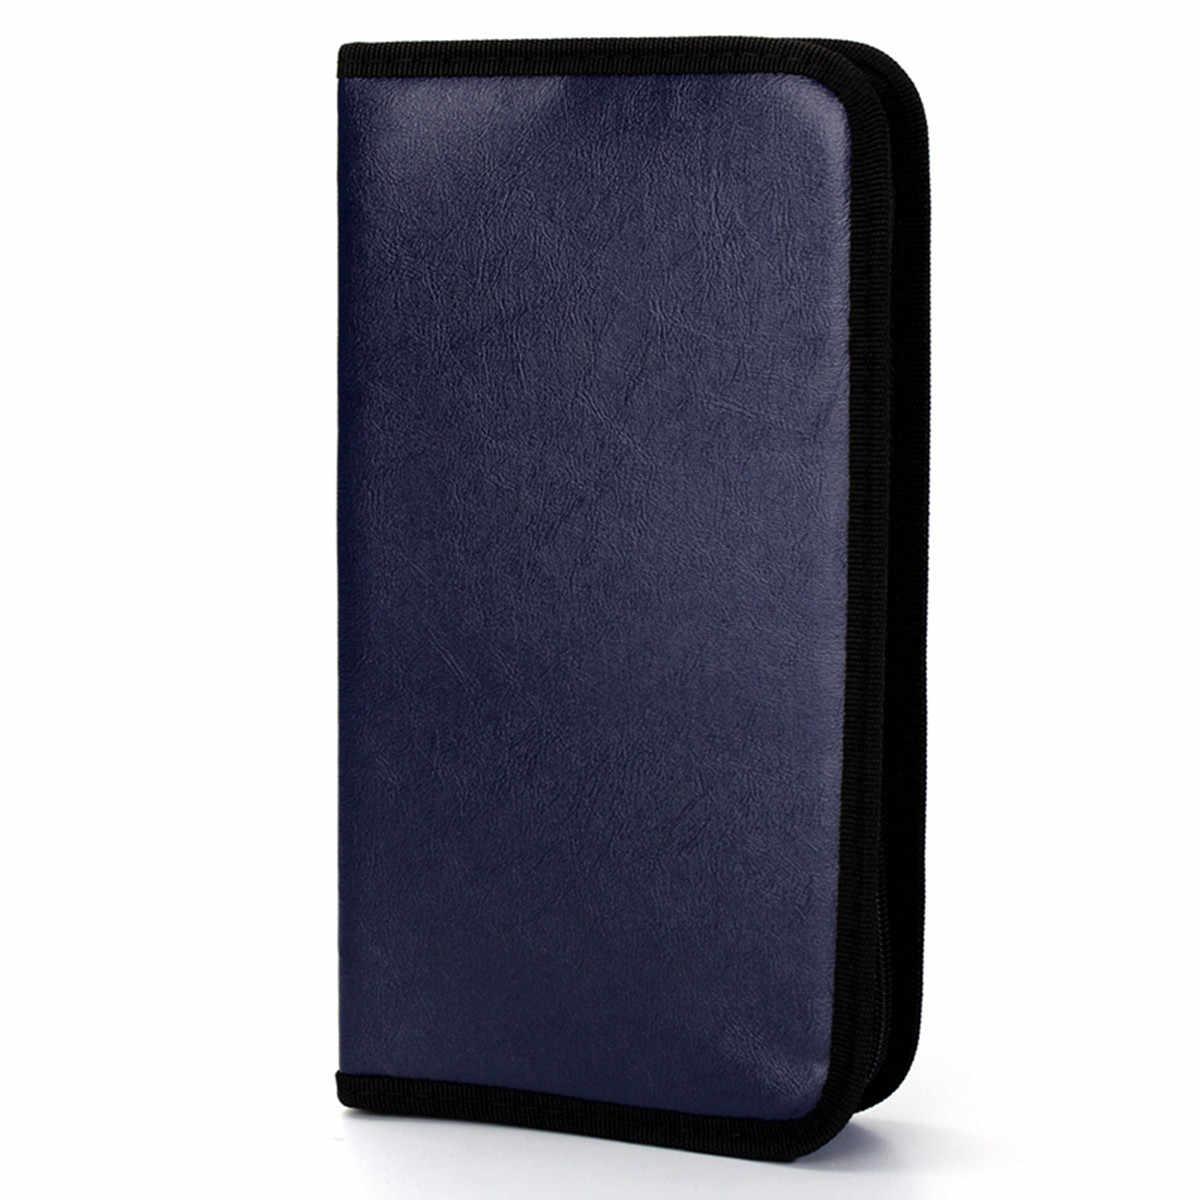 80 đĩa Lớn Di Động Dung Lượng Da PU CD DVD VCD Lưu Trữ Ốp Lưng Bao bì giá đỡ Cao cấp Màu Ngẫu Nhiên